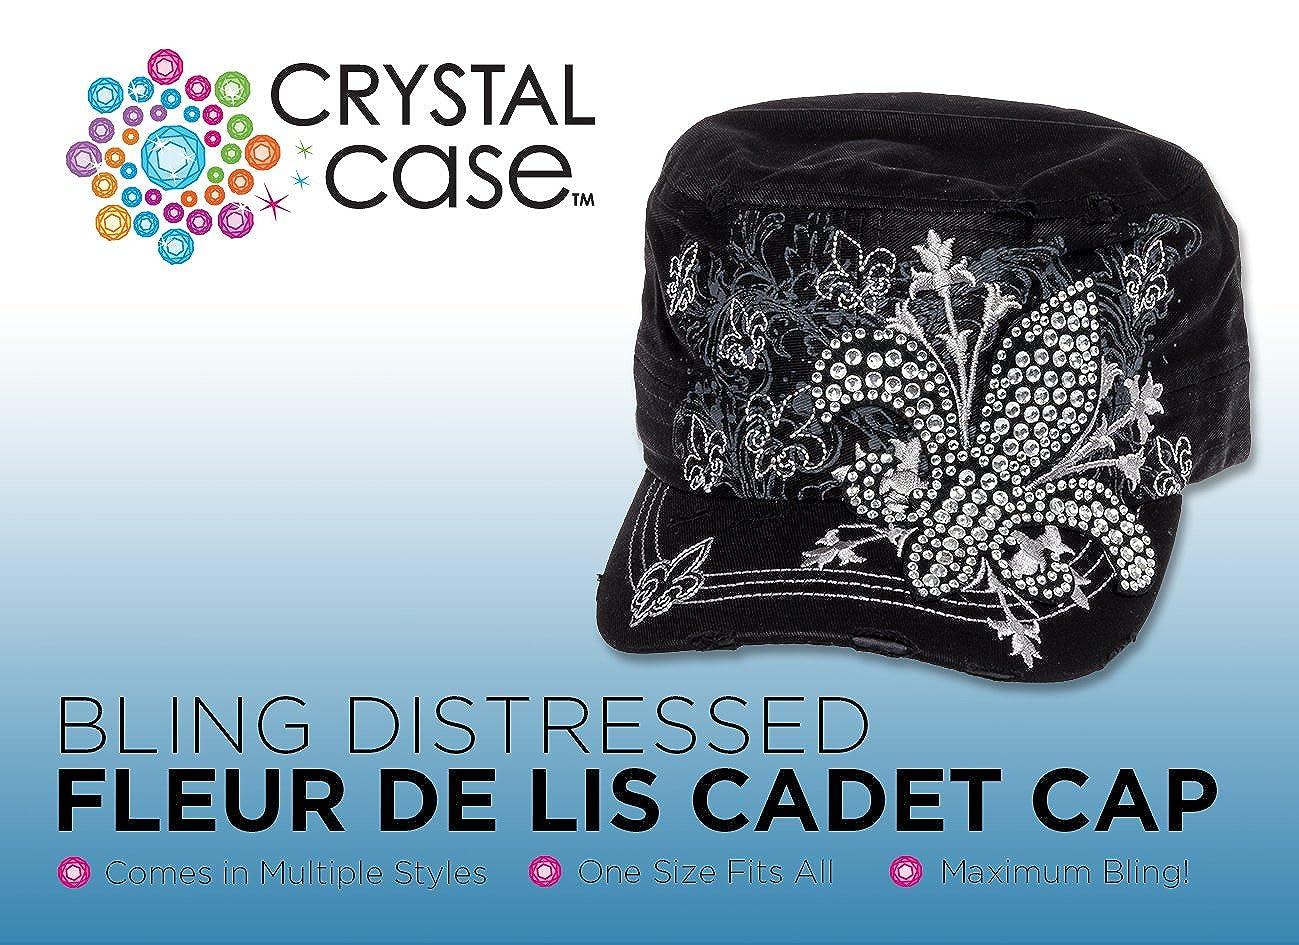 new concept 05956 e924c Crystal Case Womens Cotton Rhinestone Fleur de Lis Cadet Cap Hat (Denim  Blue) at Amazon Women s Clothing store